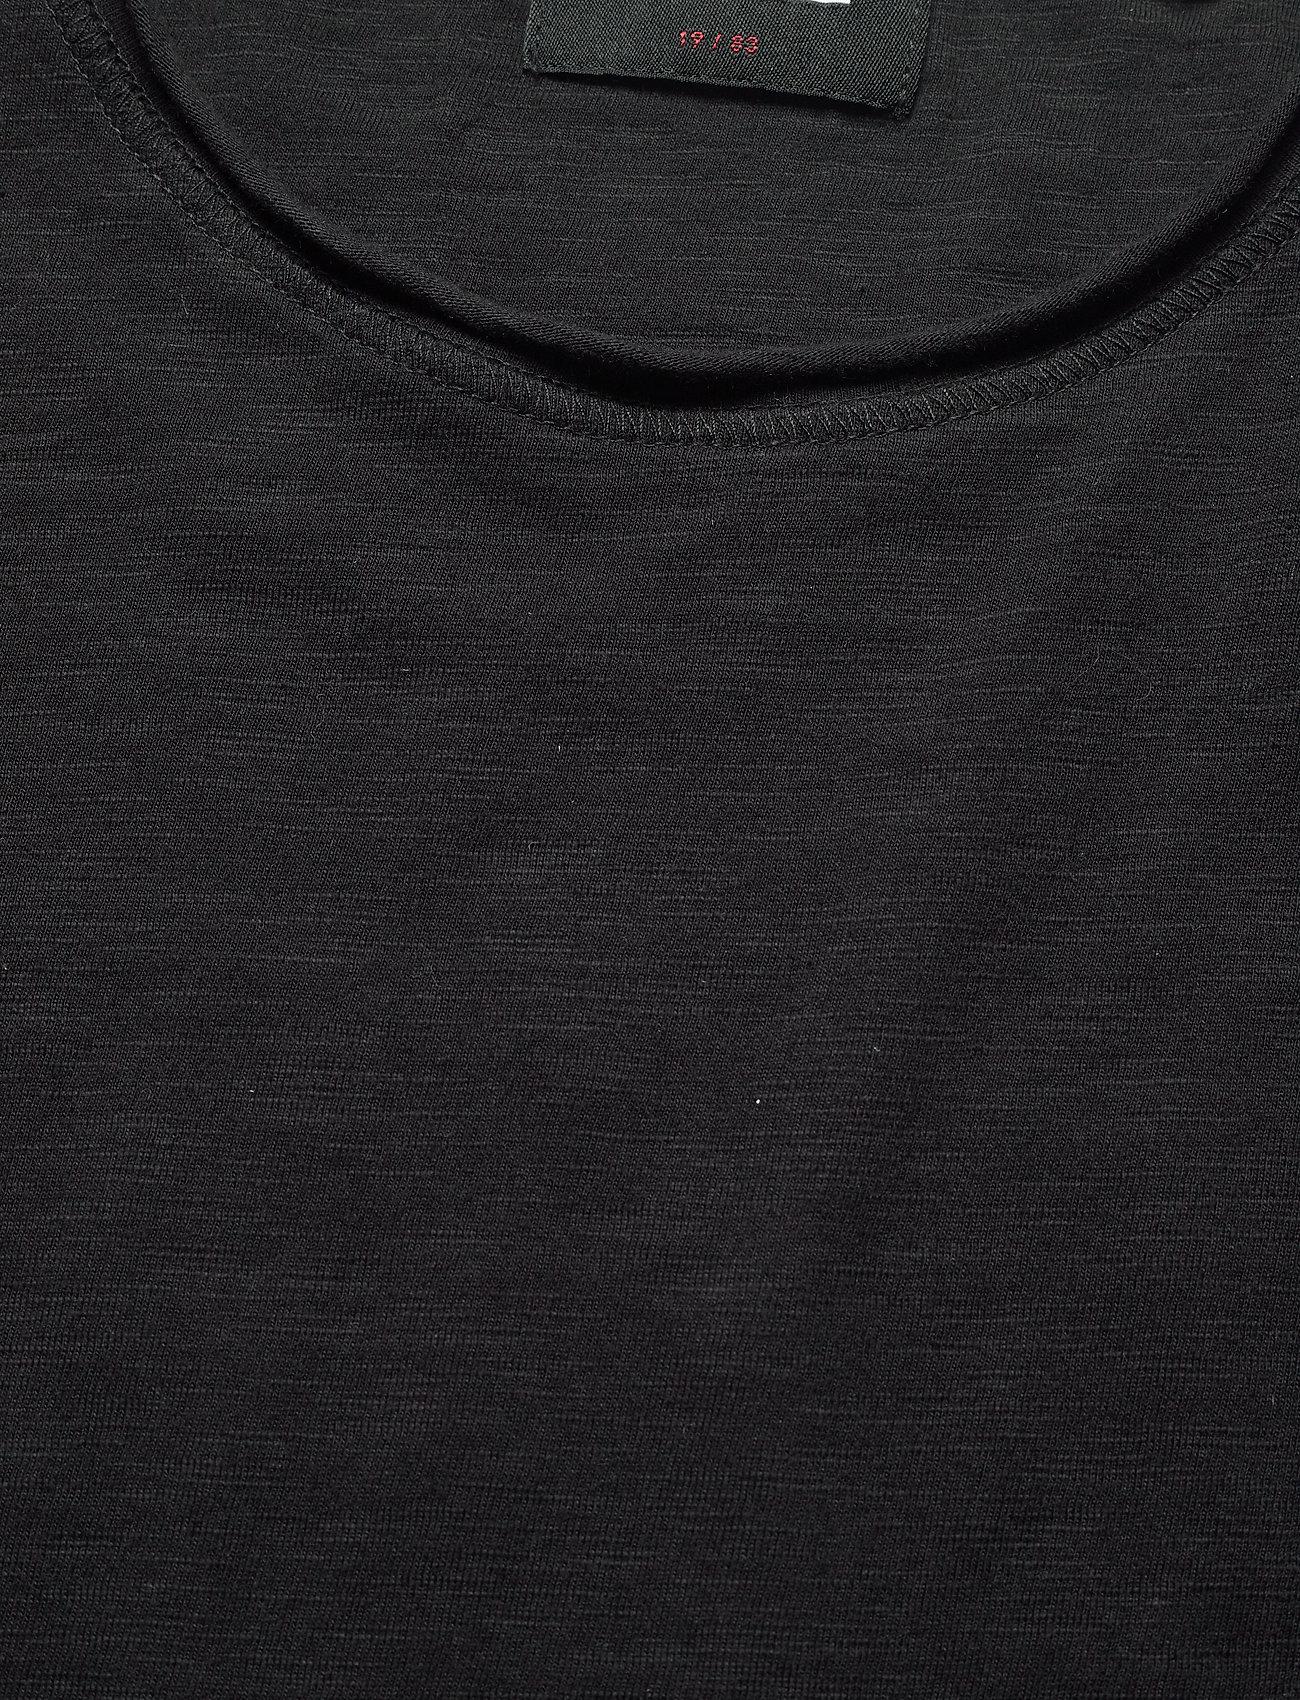 Gabba Konrad Slub S/S Tee - T-skjorter BLACK - Menn Klær